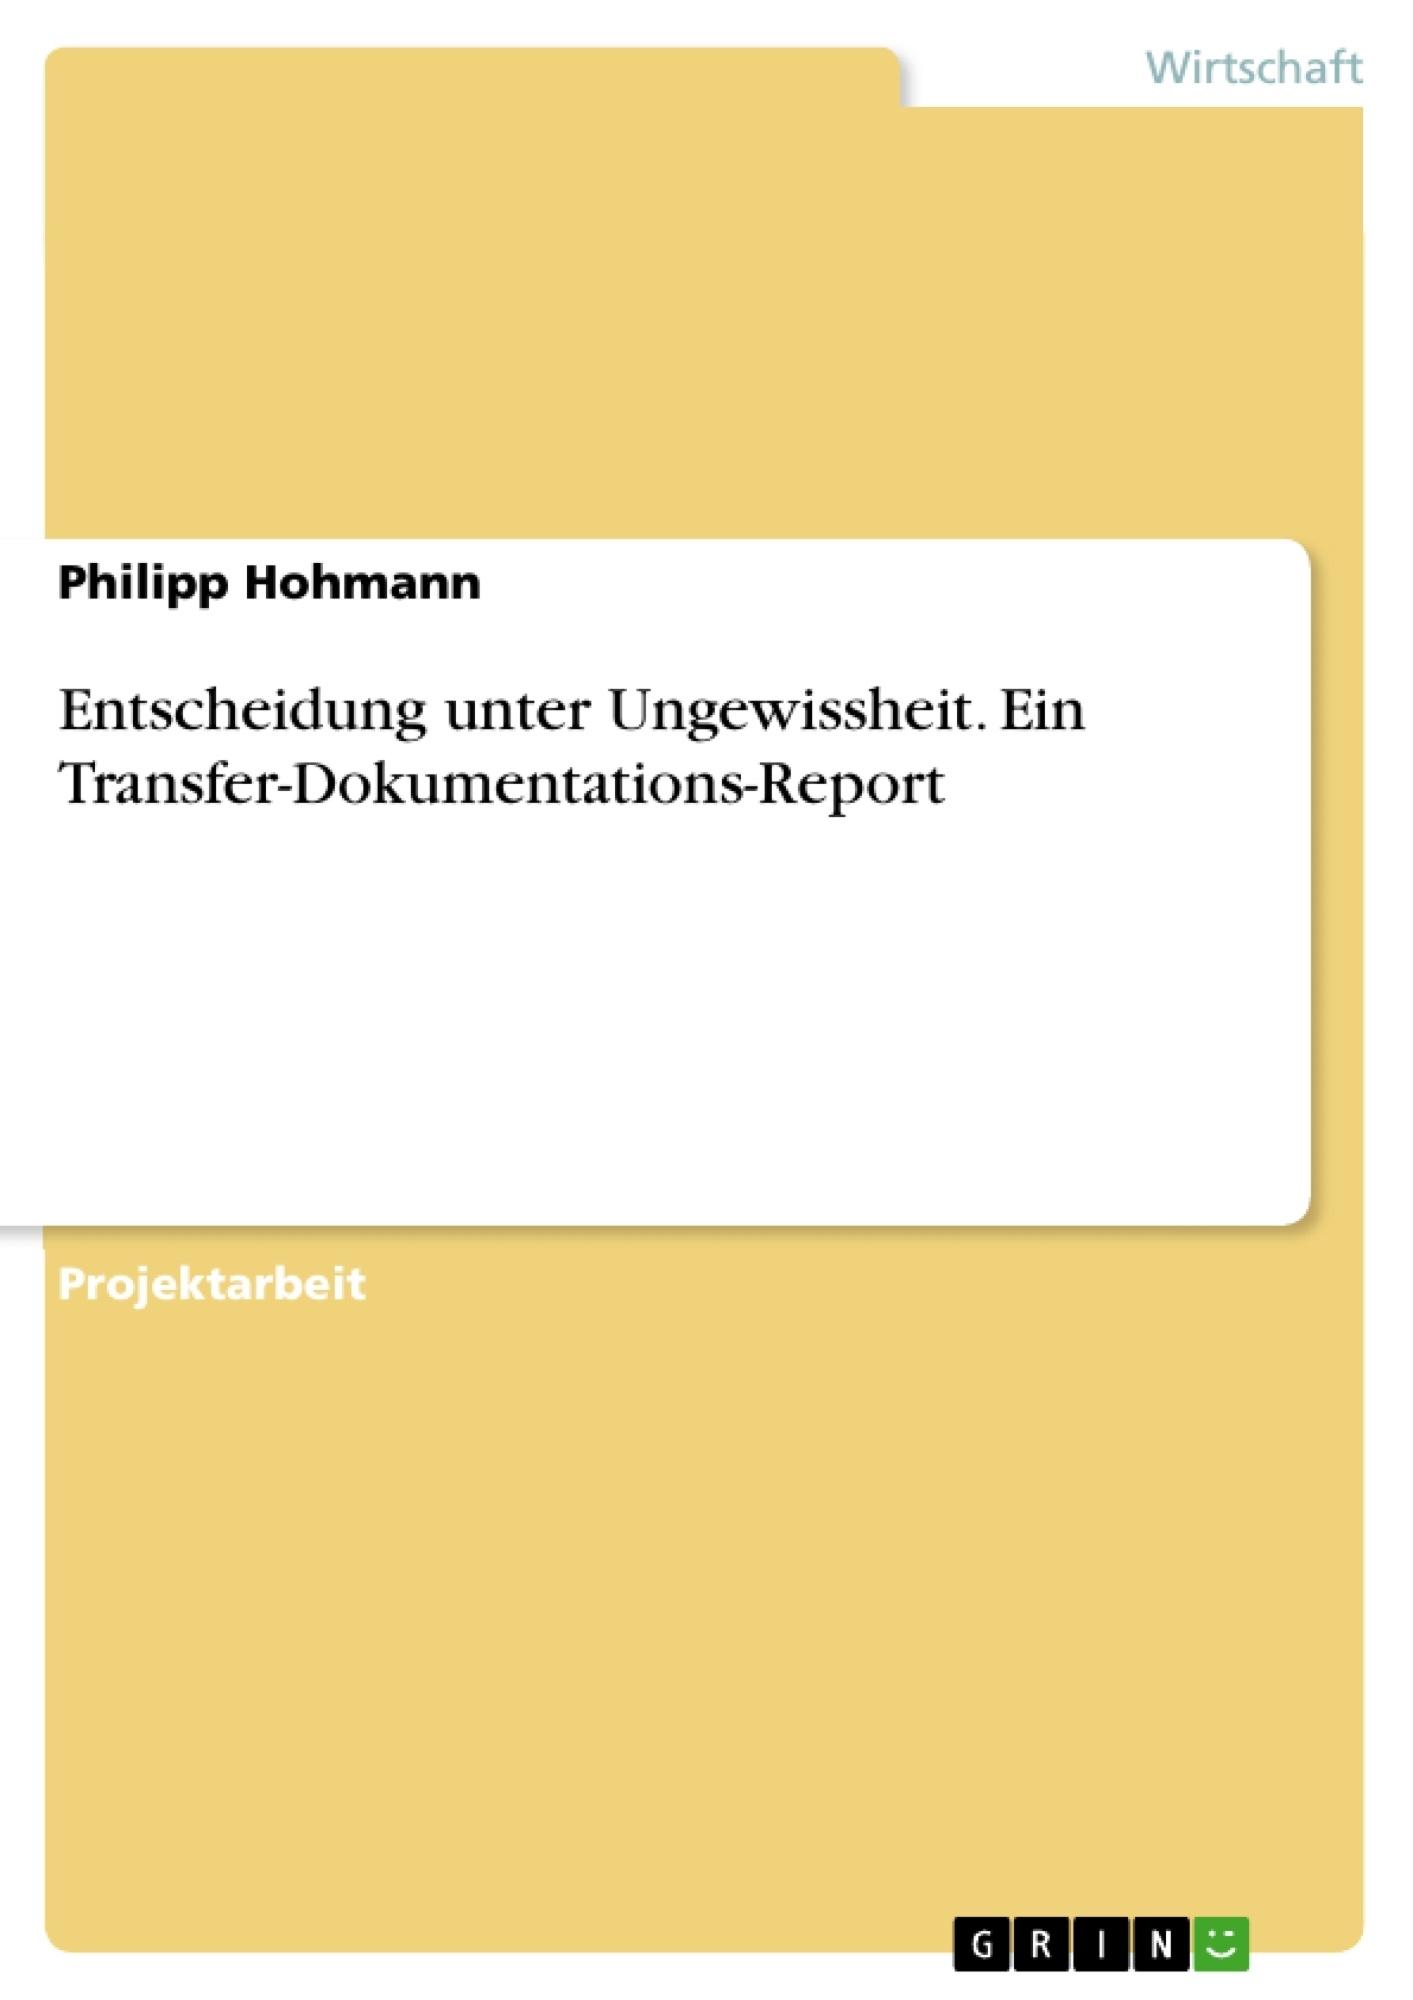 Titel: Entscheidung unter Ungewissheit. Ein Transfer-Dokumentations-Report